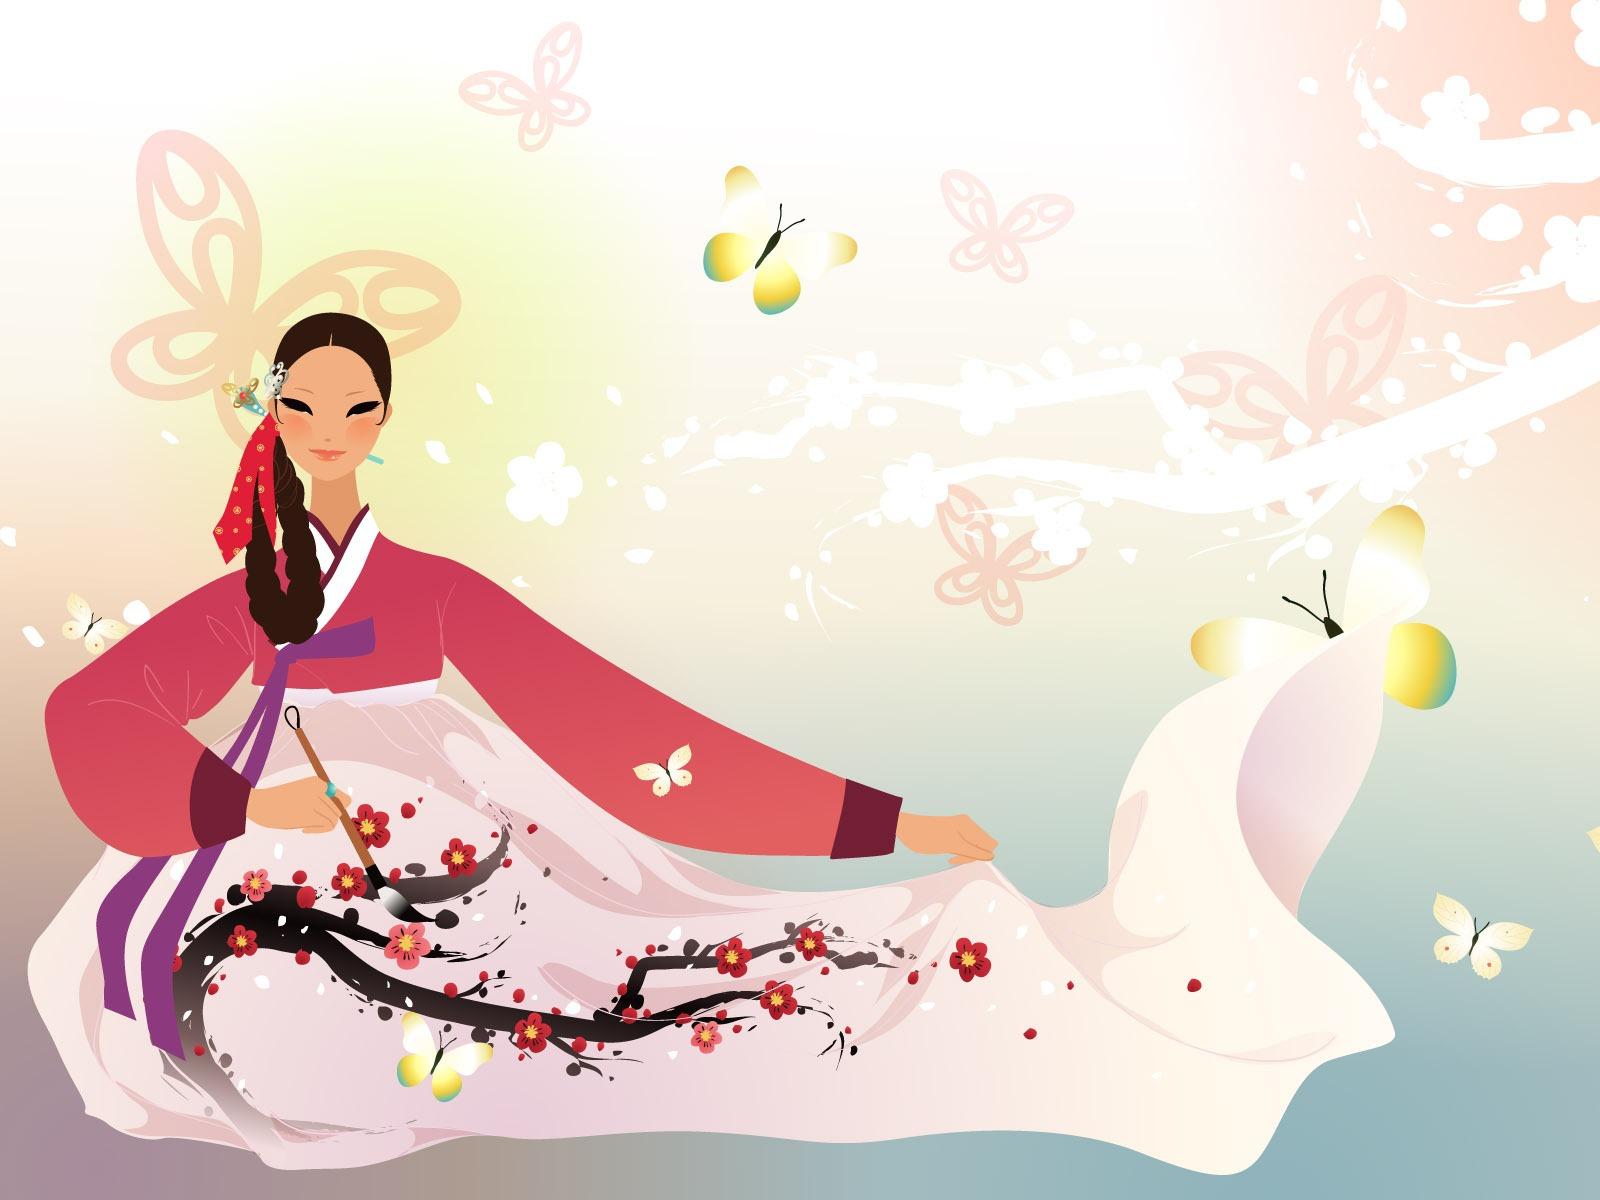 Vector wallpaper of korean women 2 19 1600x1200 wallpaper vector wallpaper of korean women 2 19 1600x1200 voltagebd Choice Image